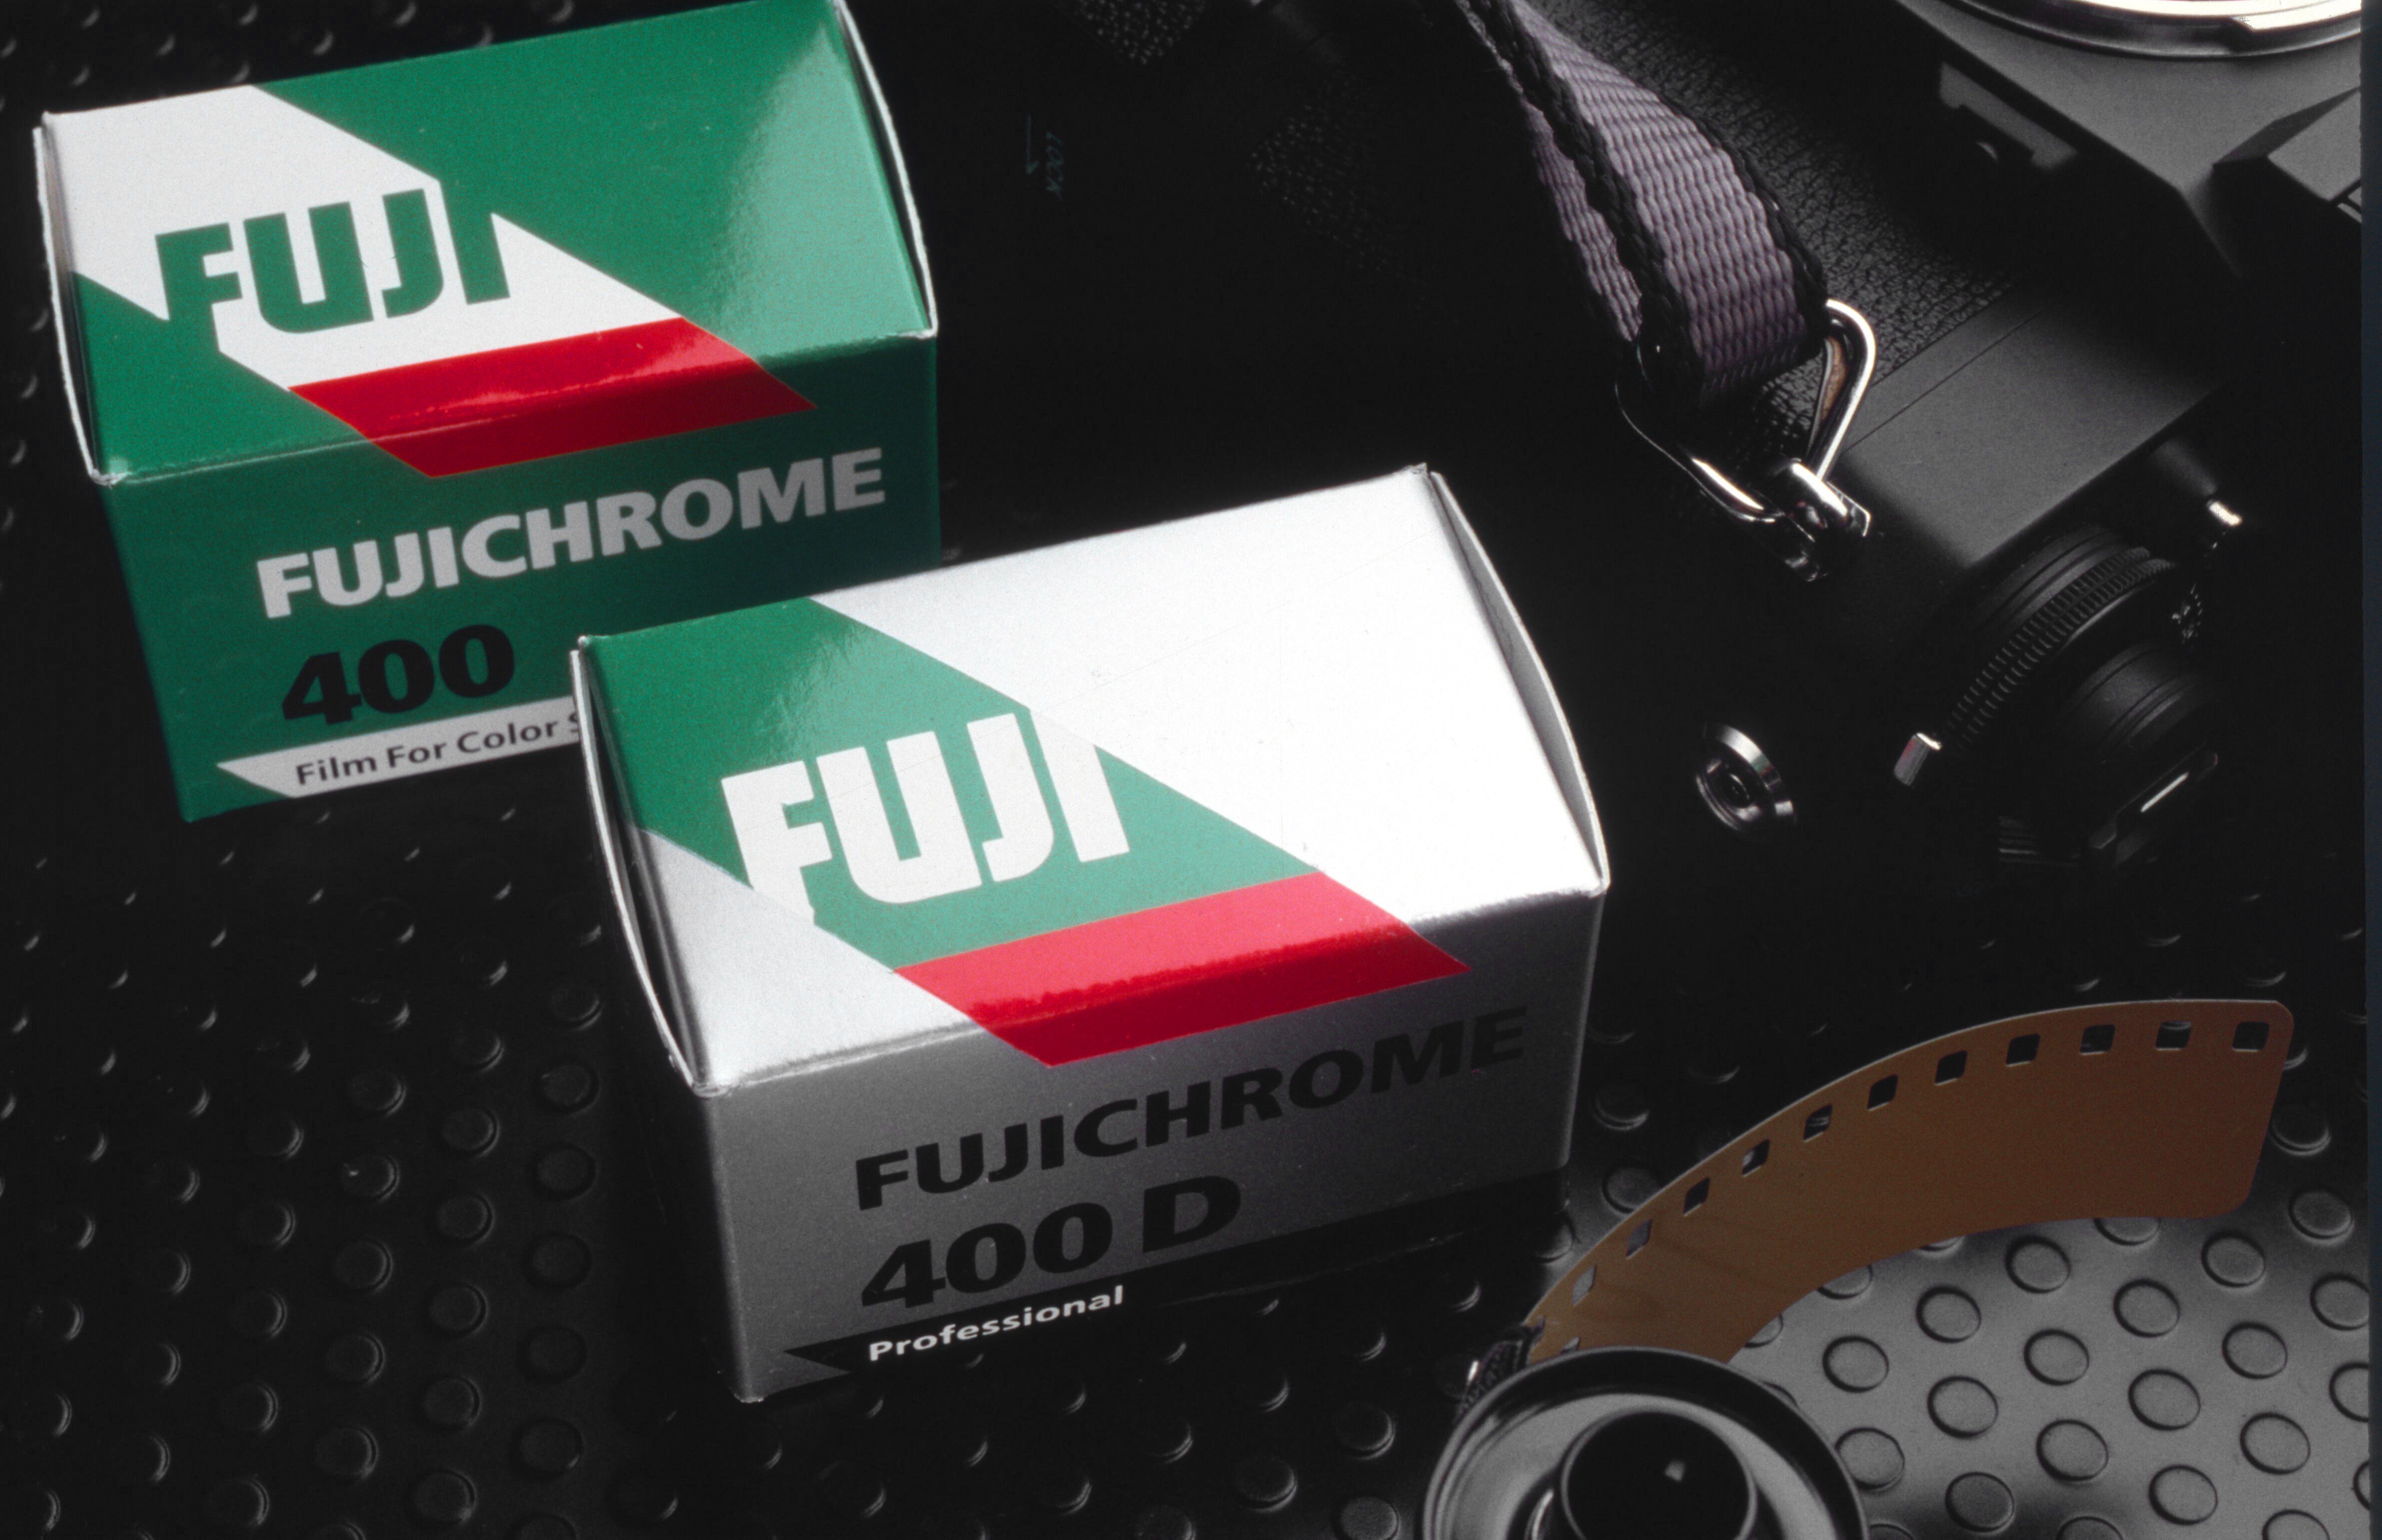 Fuji Film accent.swiss